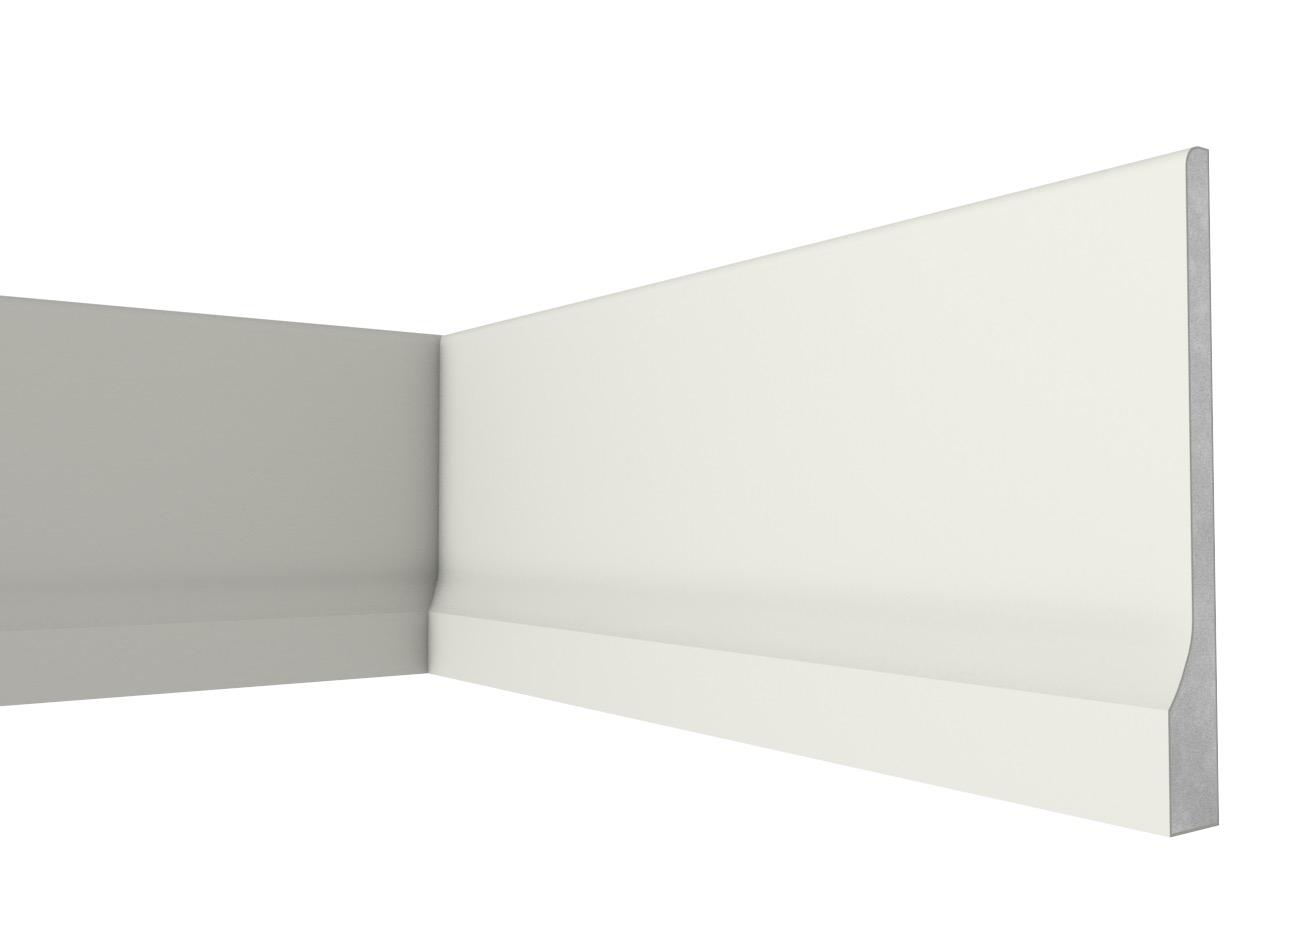 Zoccolo 40 - Zoccolo in polistirene spalmato con graniglie 200 CM. - Decorget - Ital Decori - Image 0